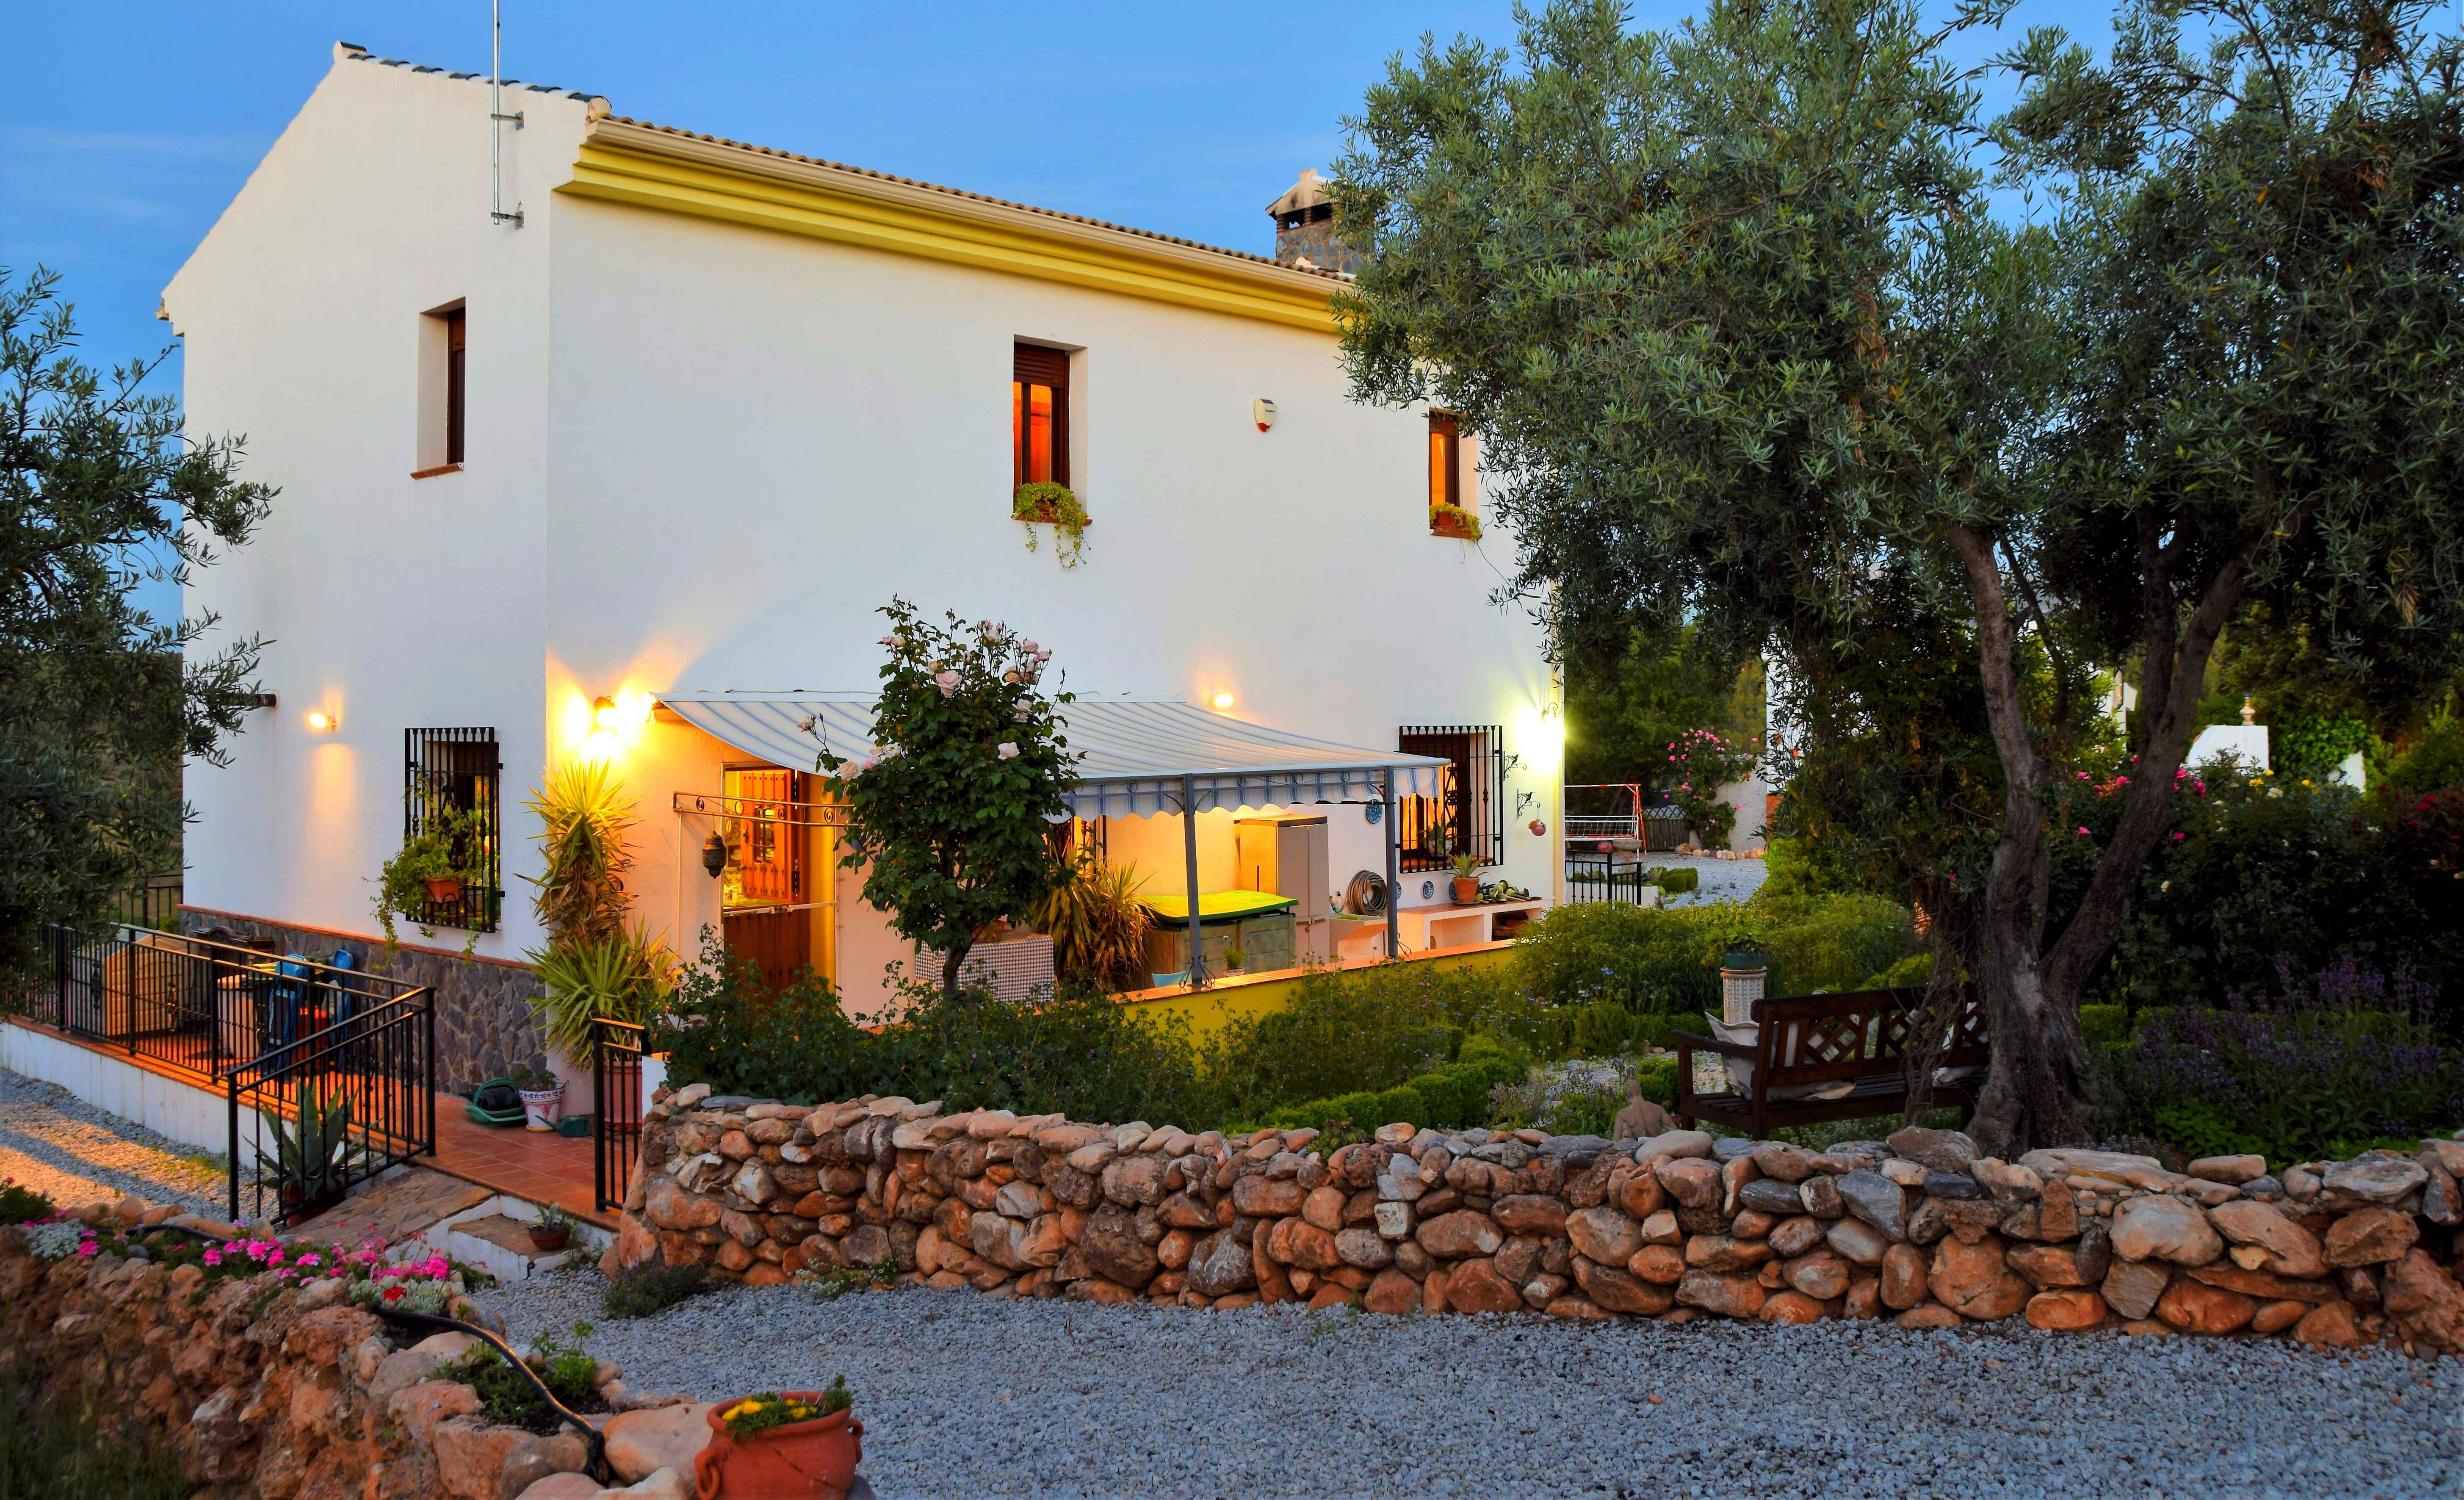 3 bedroom Finca for sale in Alhama de Granada